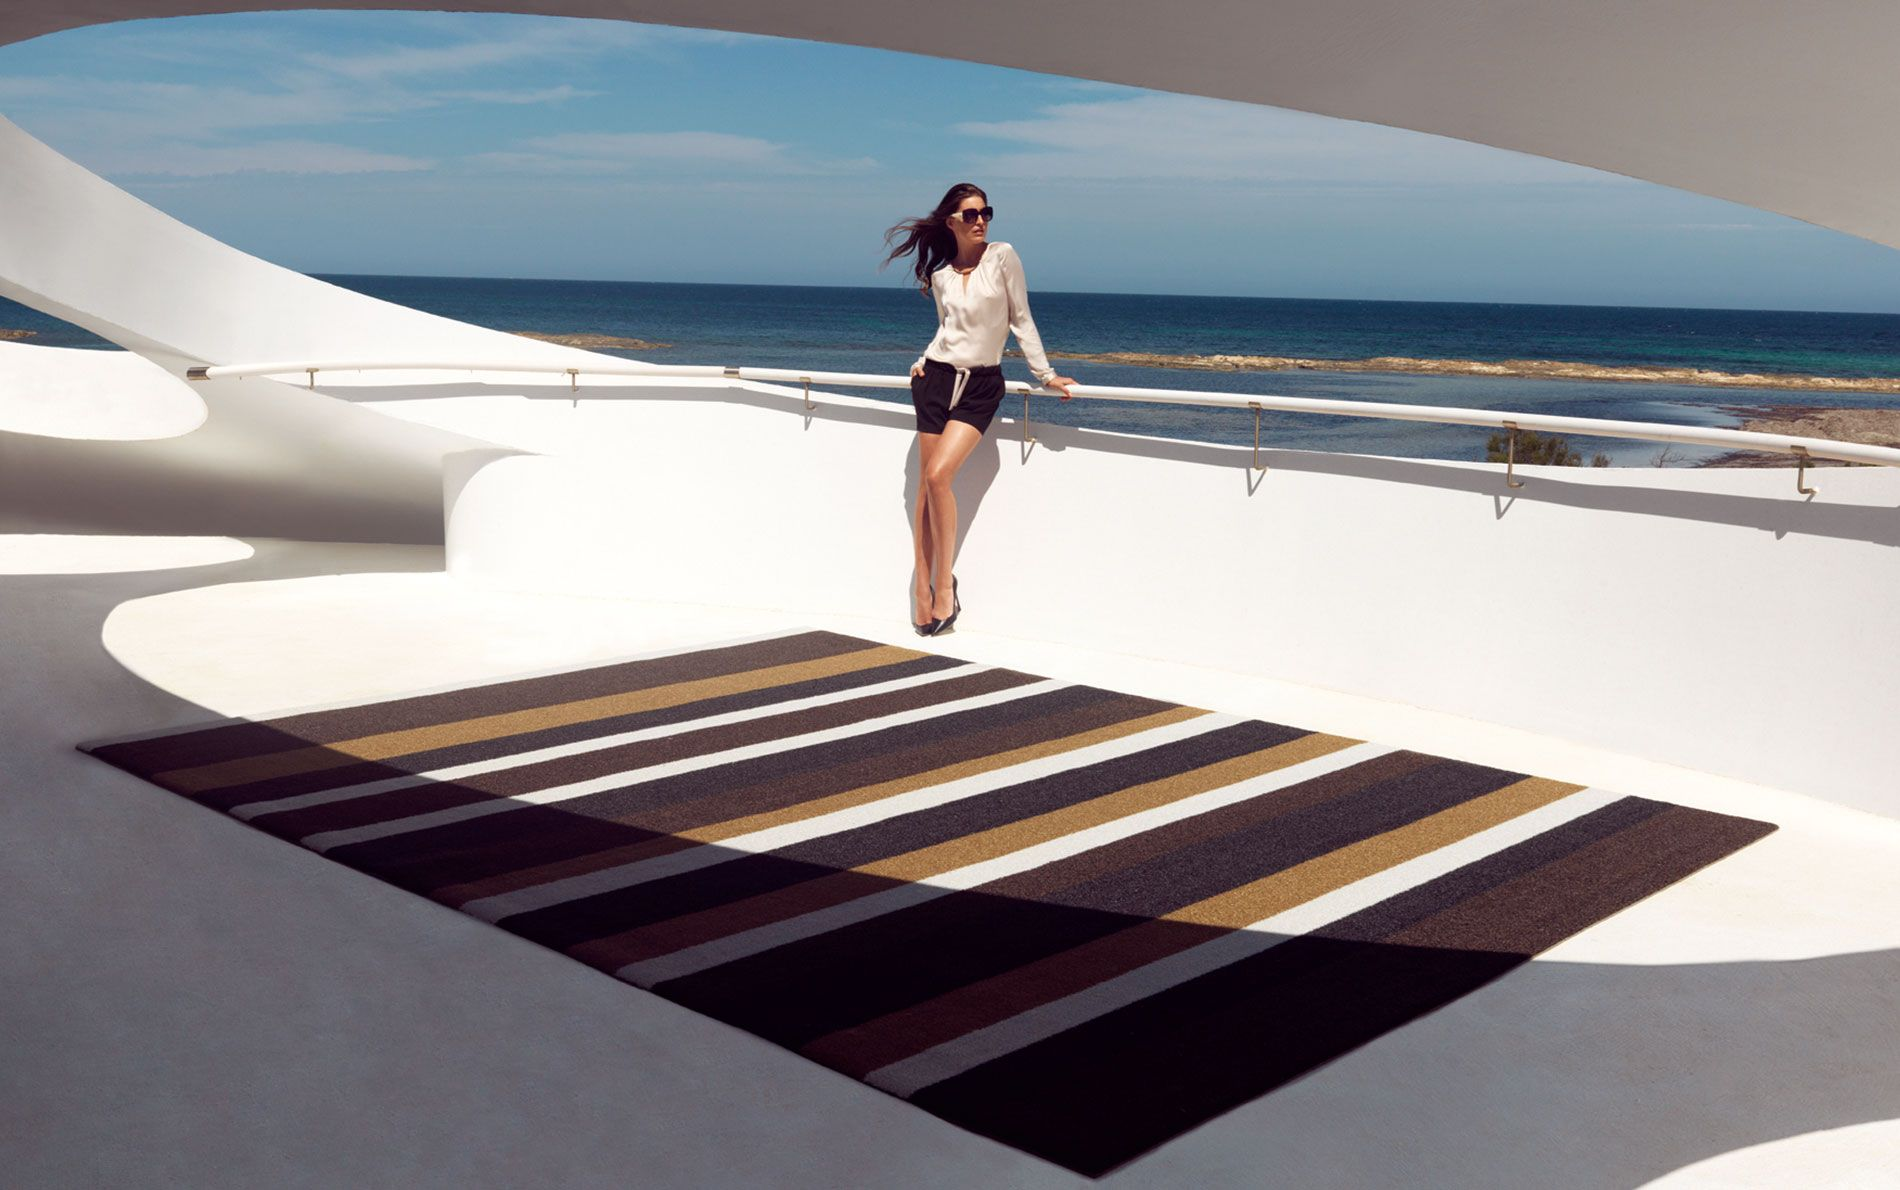 Lines XS Outdoor Teppich   Heim U0026 Garten / Dekoration / Teppiche   Der  Teppich Lines XS Ist Ein Designer Outdoor Teppich. Er Ist Rechteckig Und  Besitzt ...